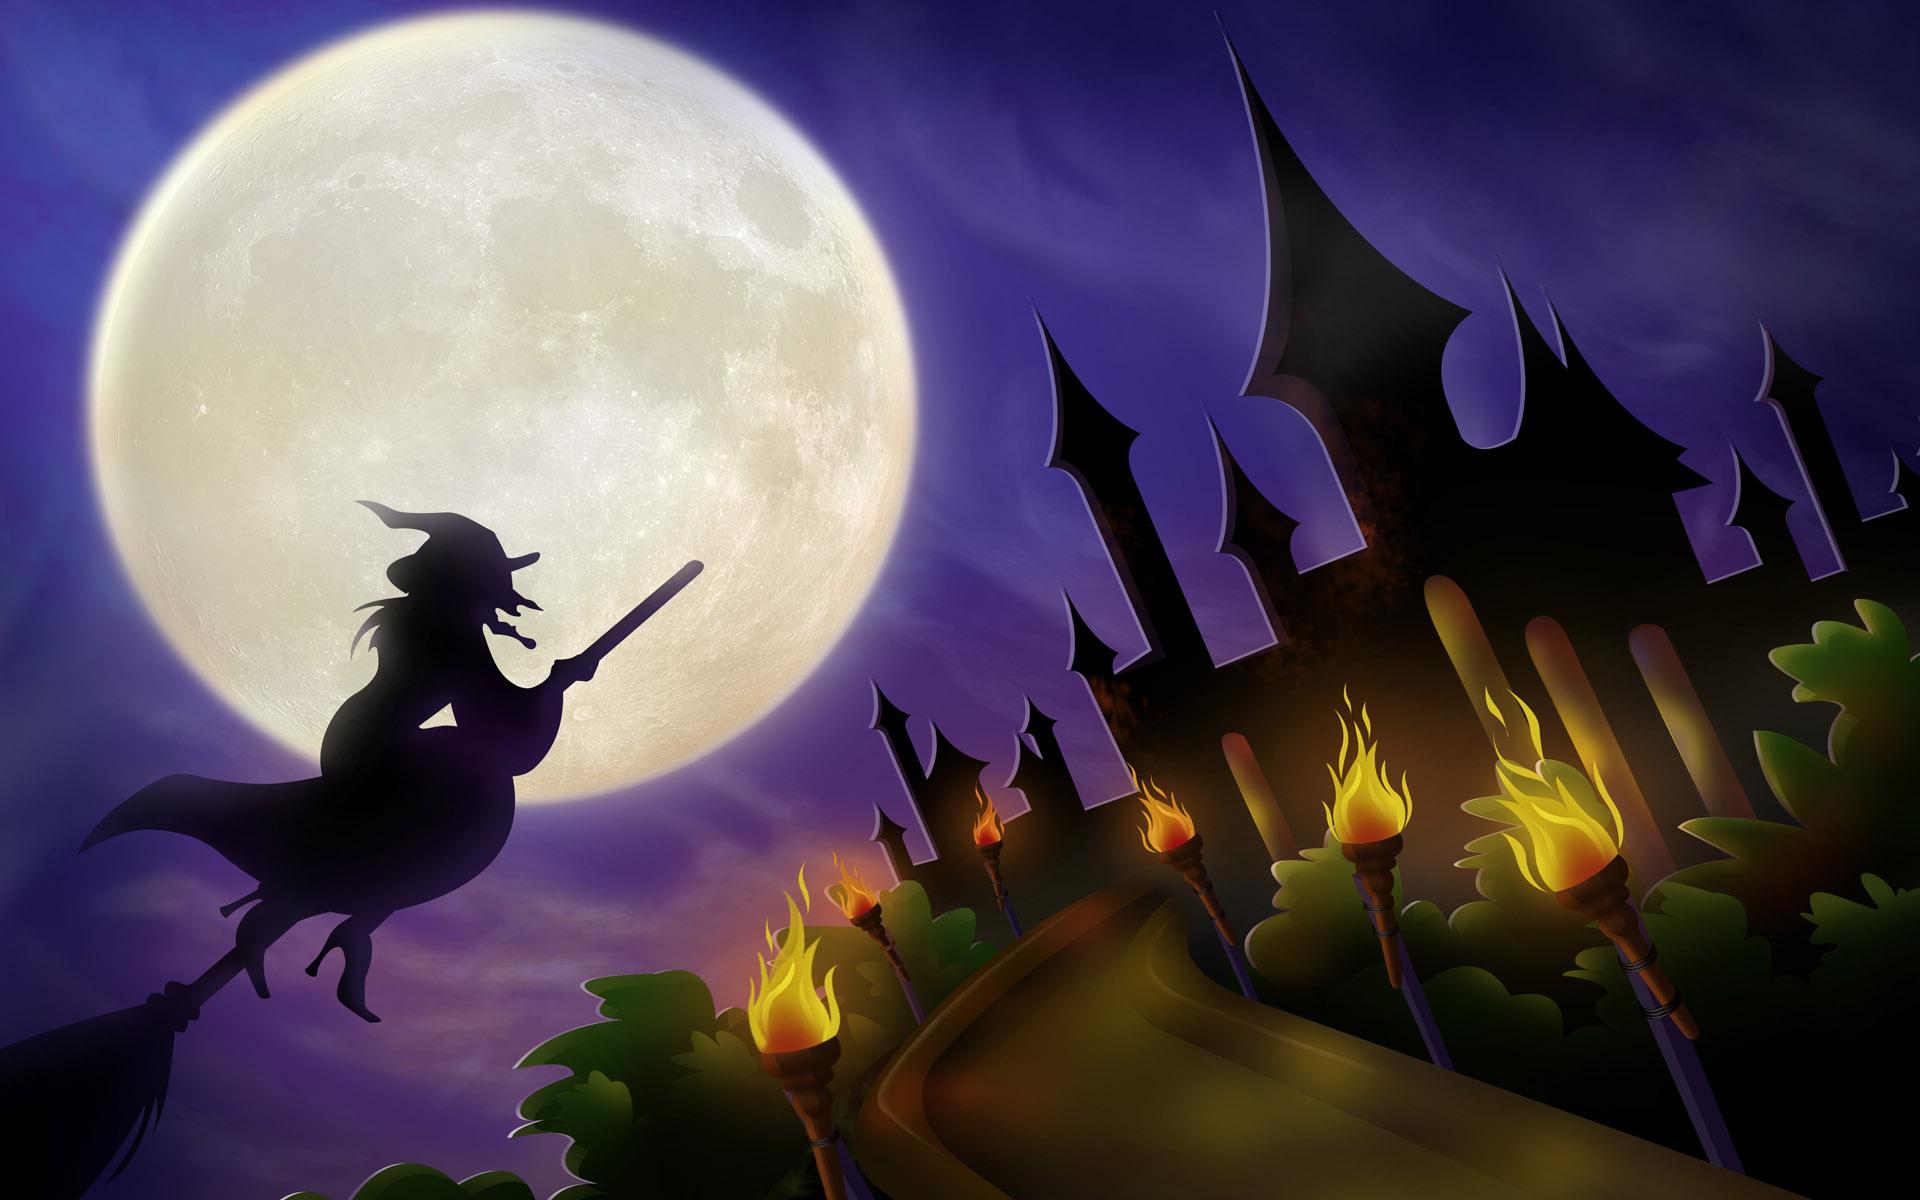 Красивые картинки хэллоуин, анимационные днем